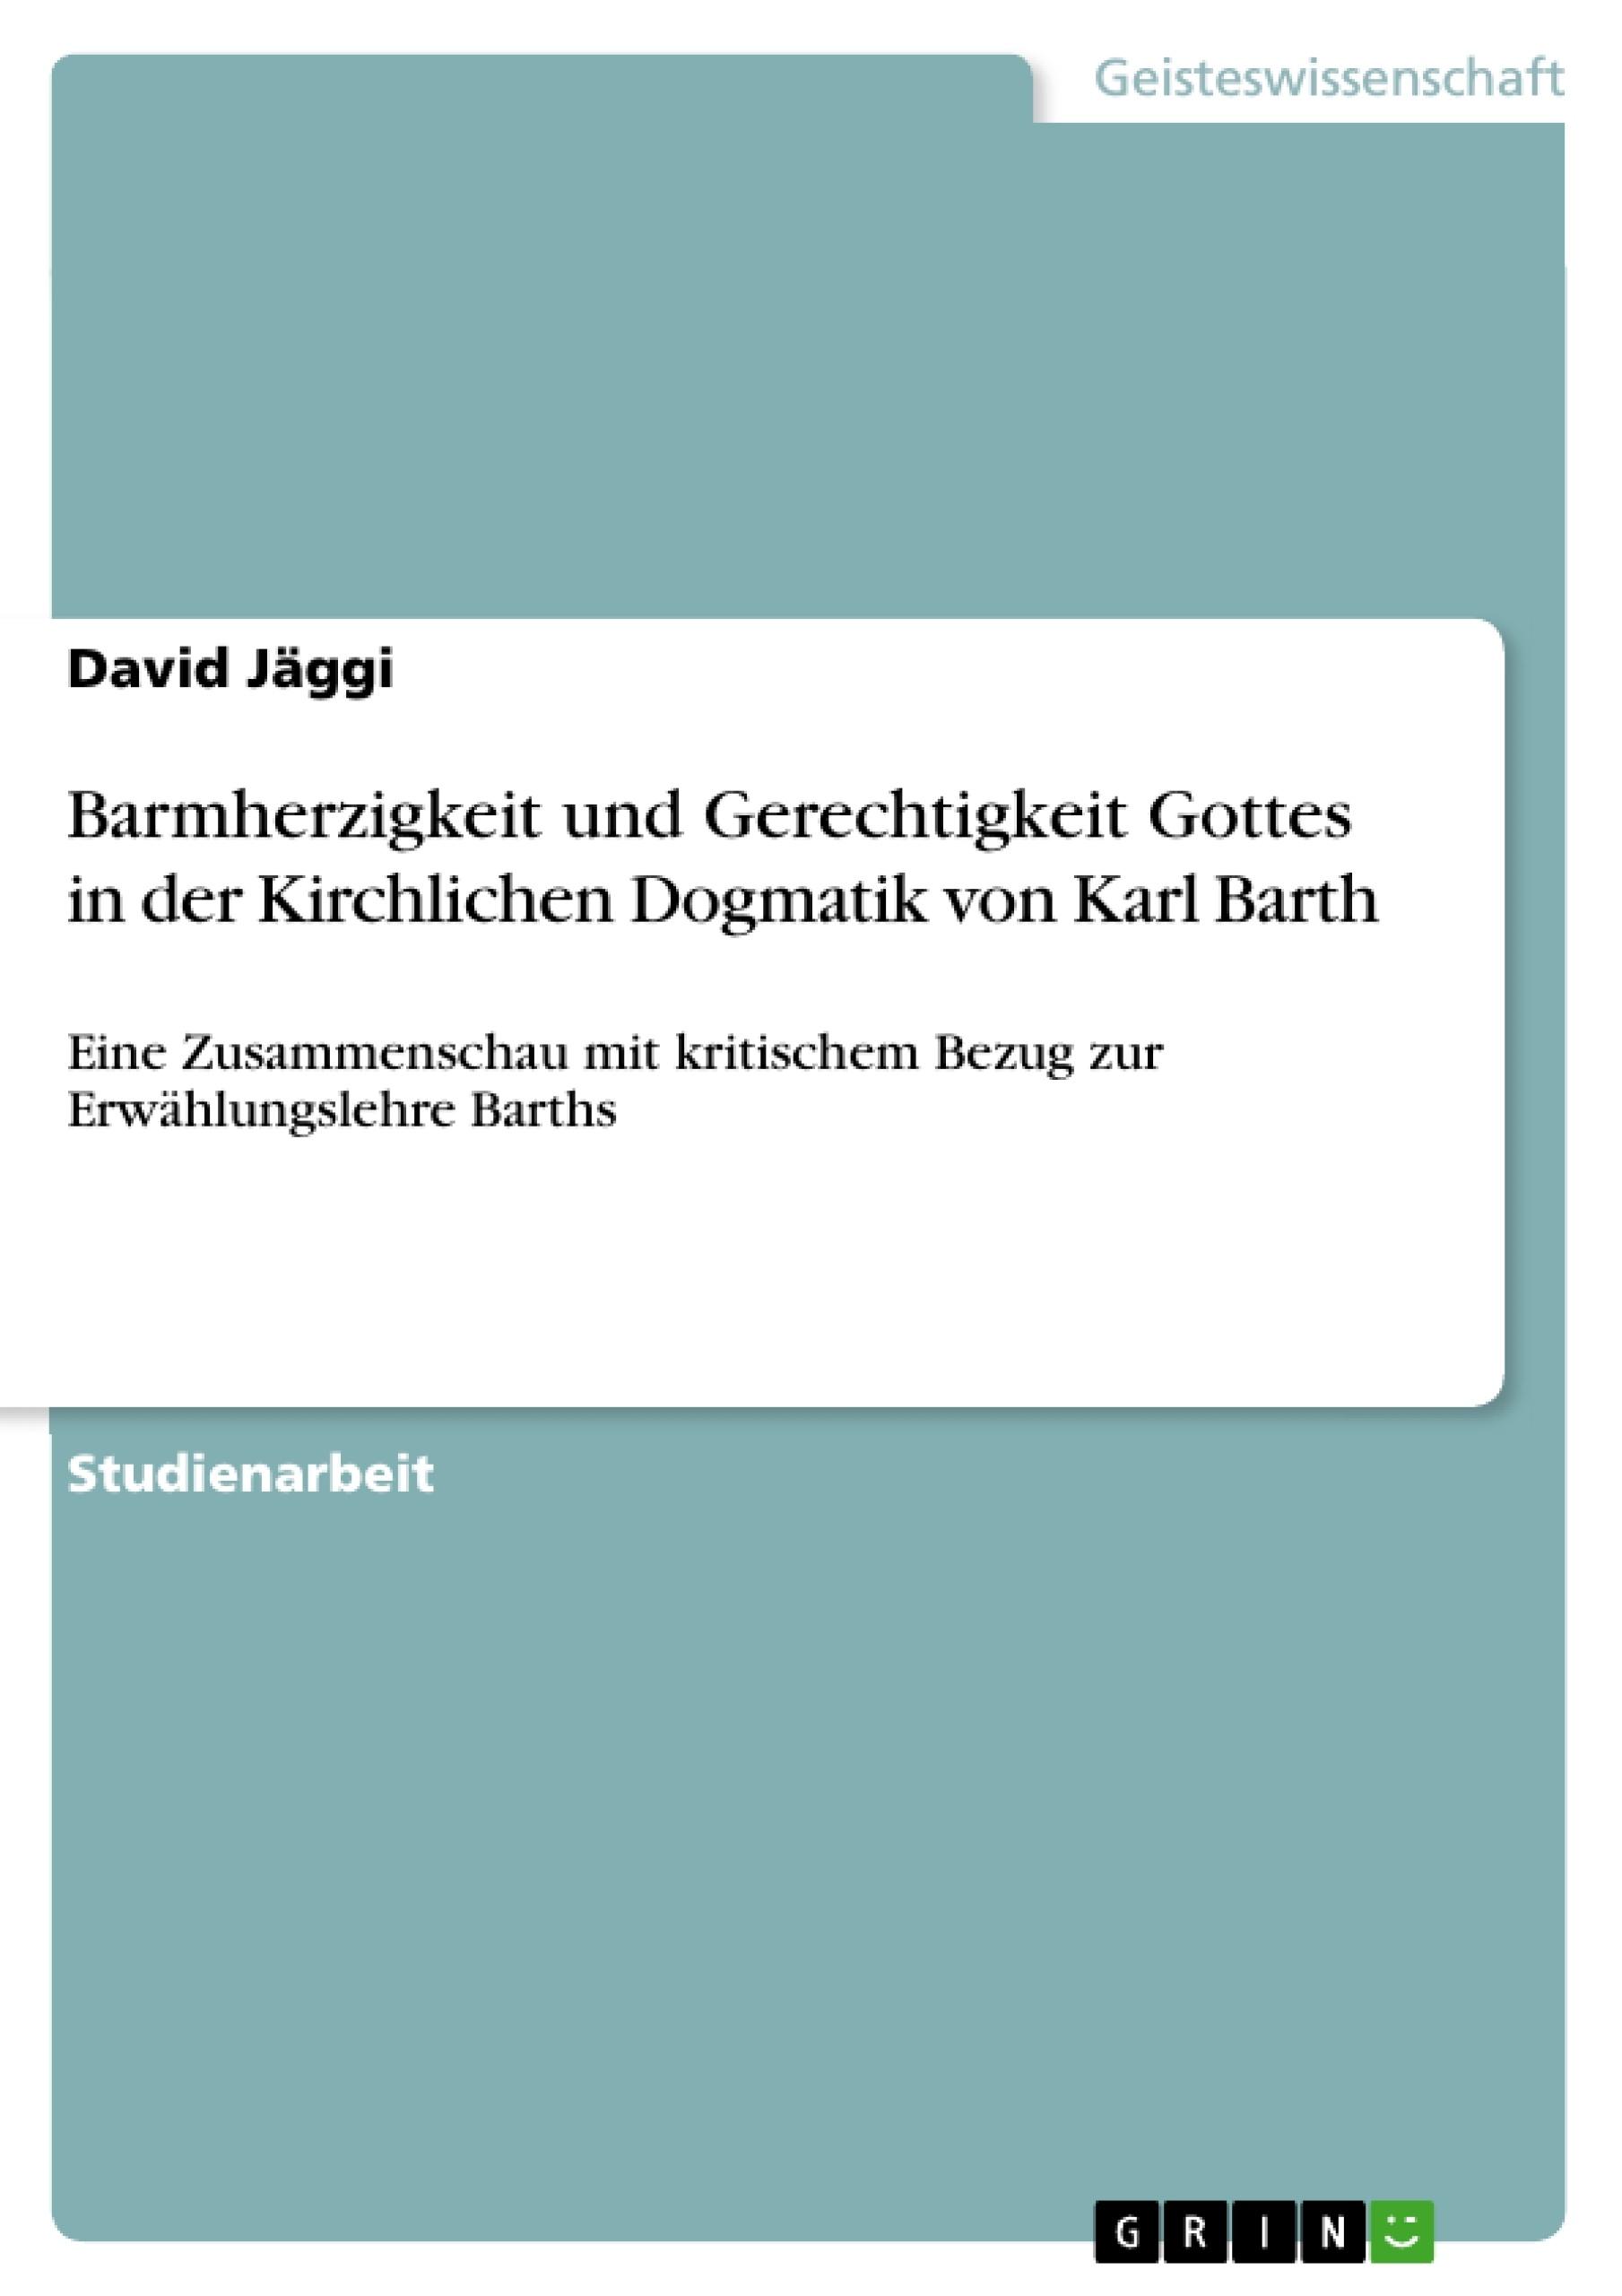 Titel: Barmherzigkeit und Gerechtigkeit Gottes in der Kirchlichen Dogmatik von Karl Barth